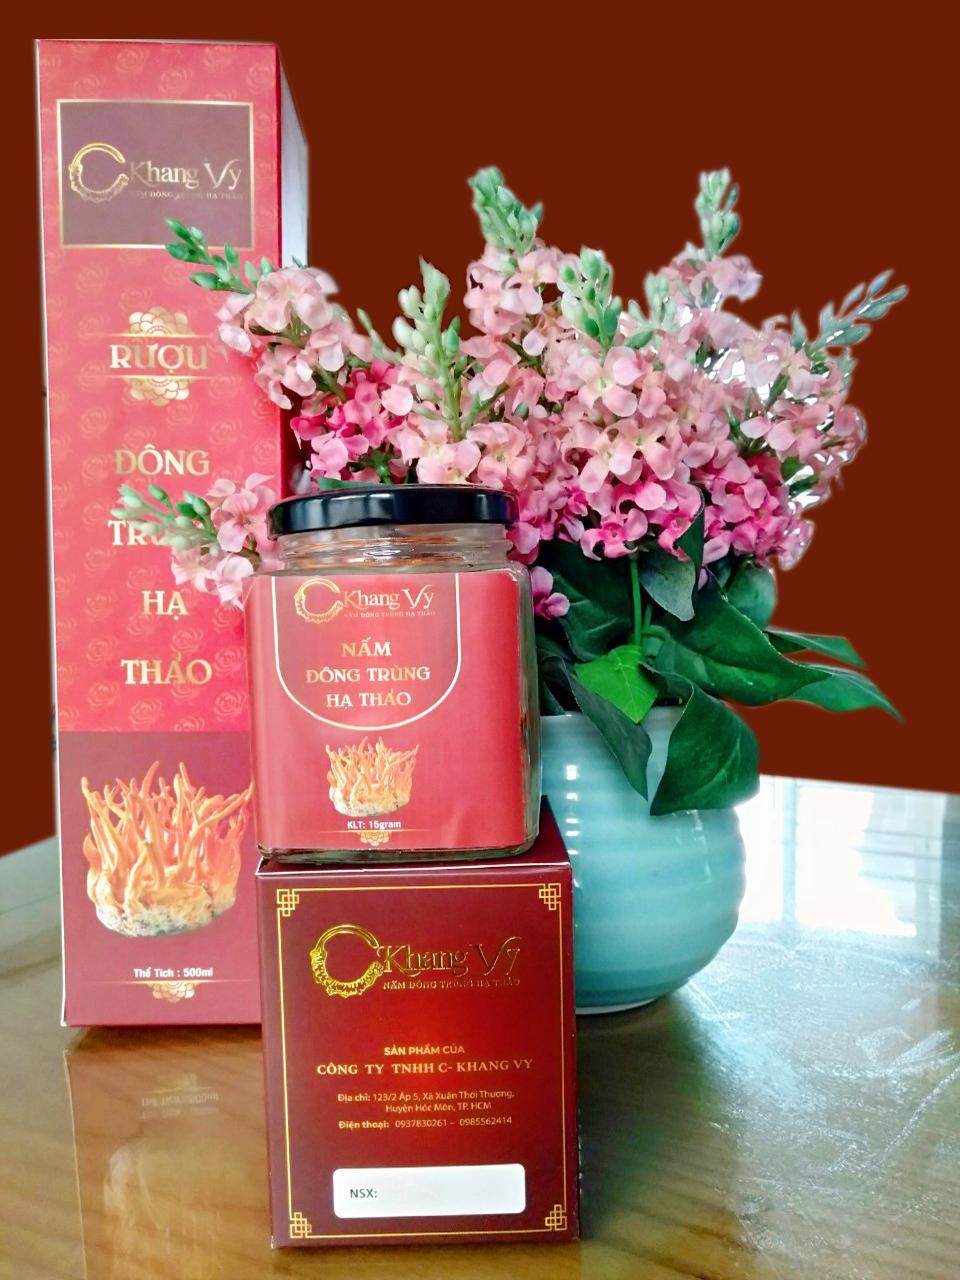 Hộp Đông trùng hạ thảo nguyên con sấy thăng hoa loại đặc biệt C-Khang Vy